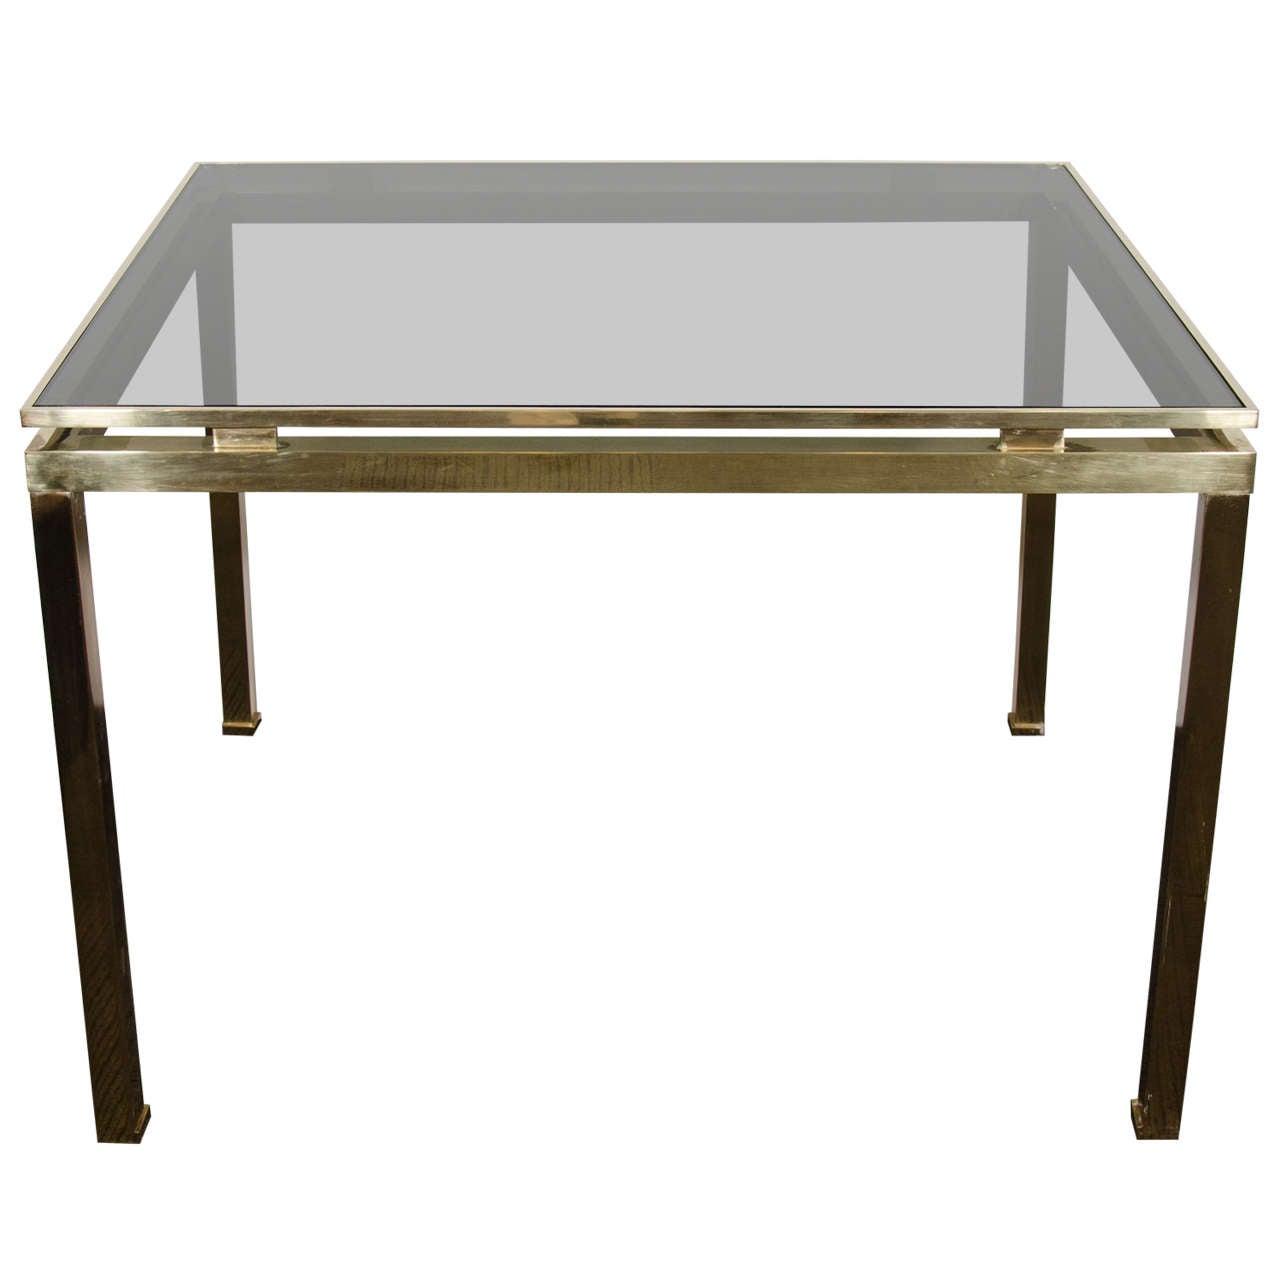 Midcentury Guy Lefevre for Maison Jansen, Brass and Glass Table or Desk